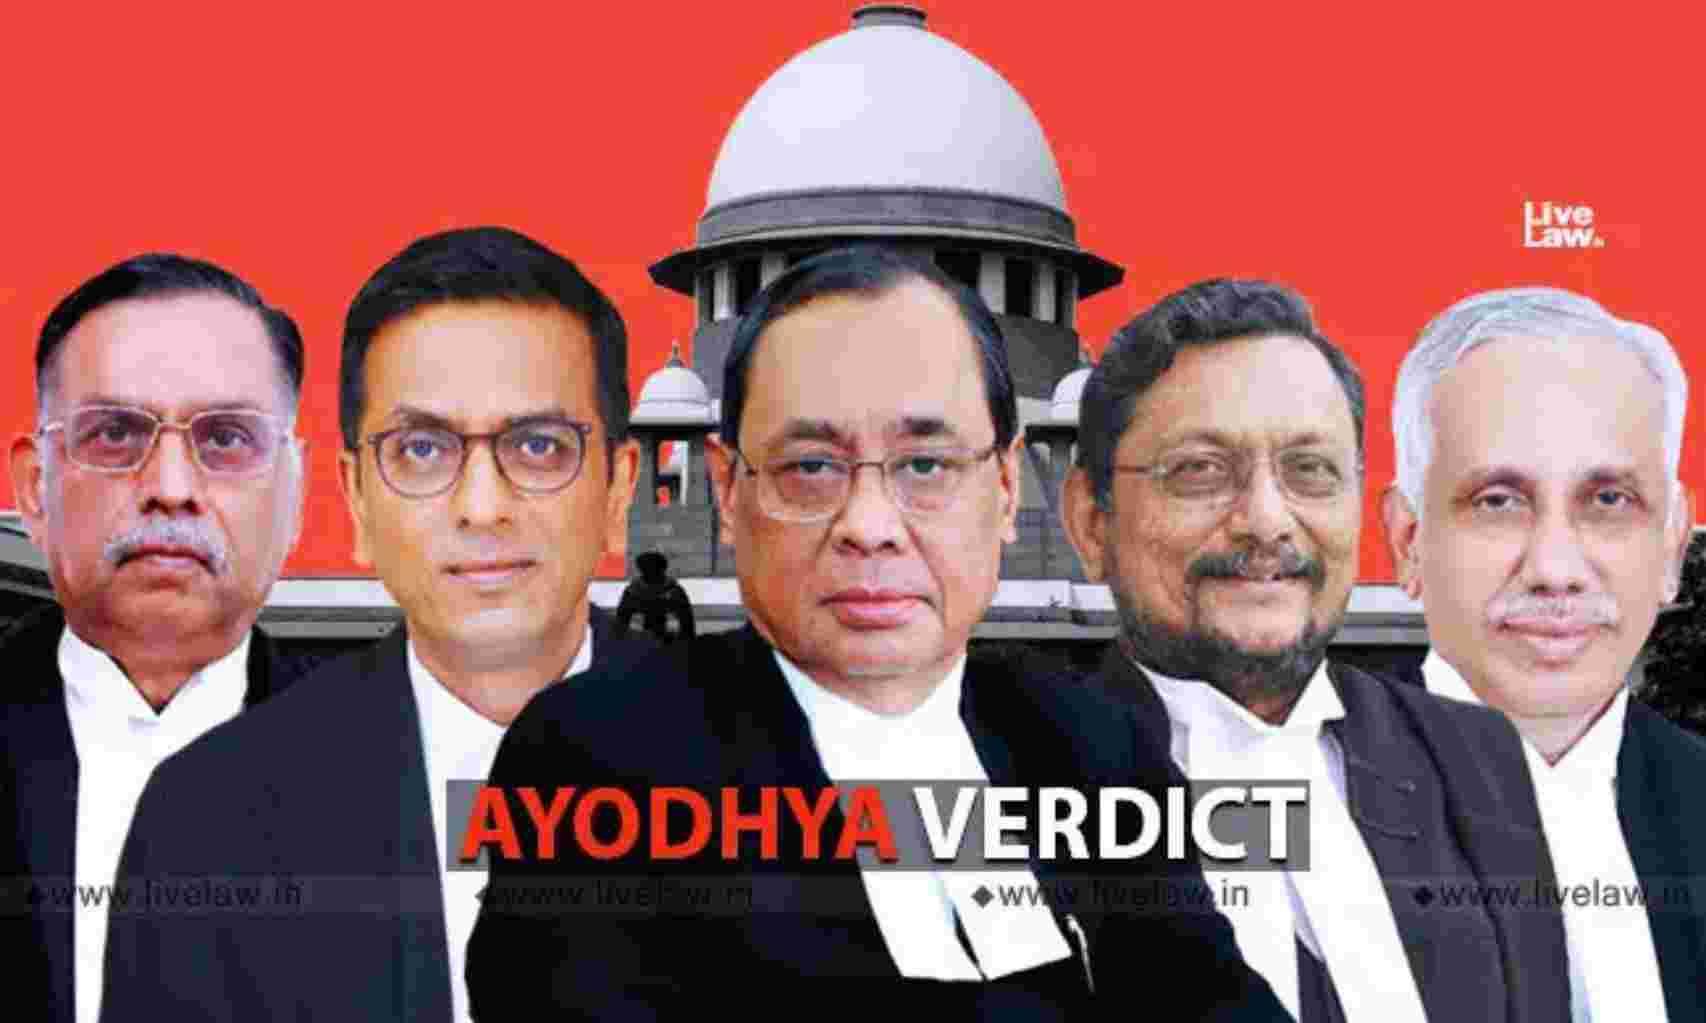 सुप्रीम कोर्ट के फैसले ने गैरकानूनी कार्य को सम्मान दिया : अयोध्या फैसले पर मुस्लिम पक्षकारों ने दाखिल की पुनर्विचार याचिका